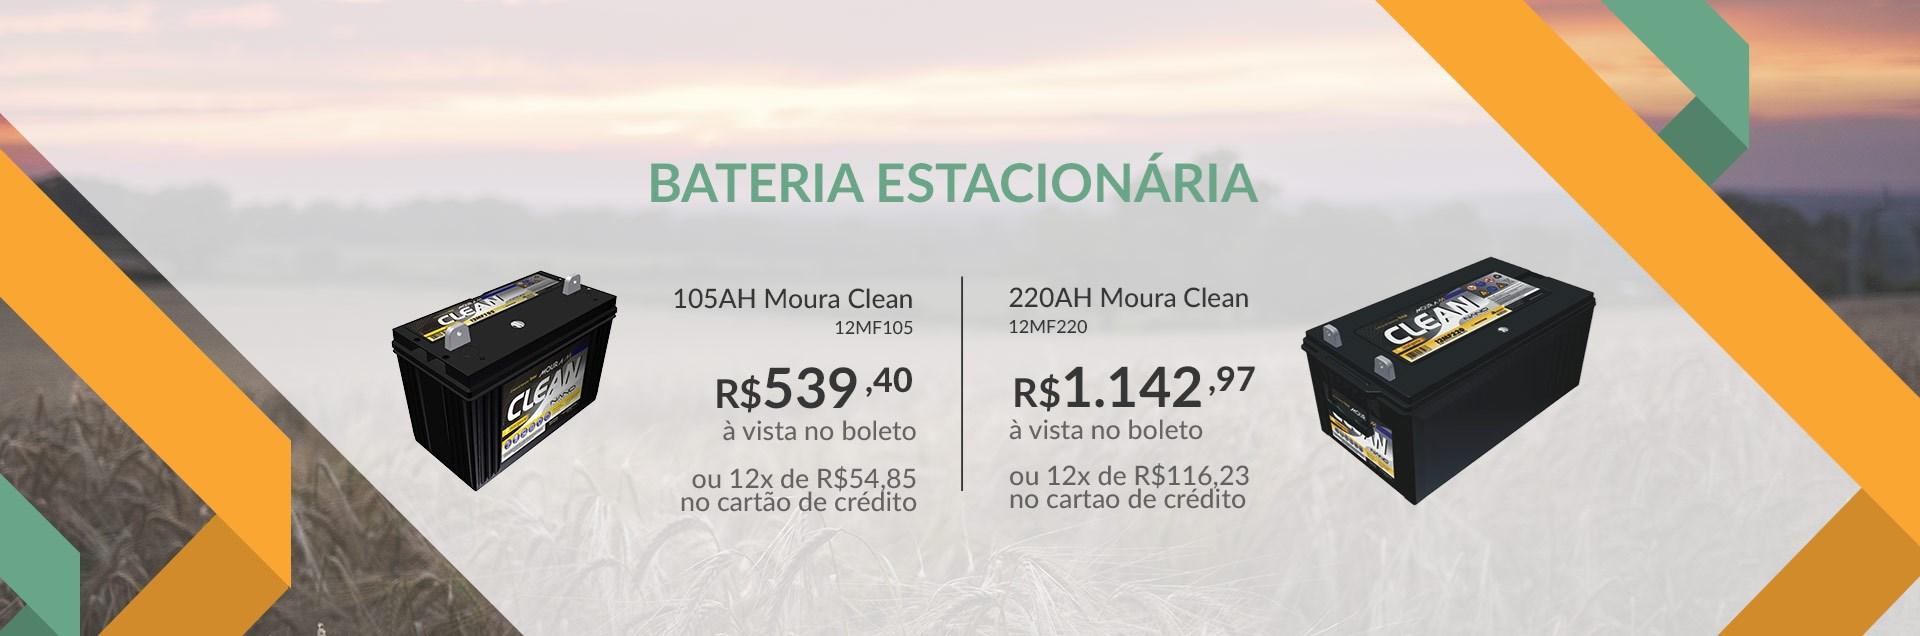 Bateria Estacionária Moura Clean